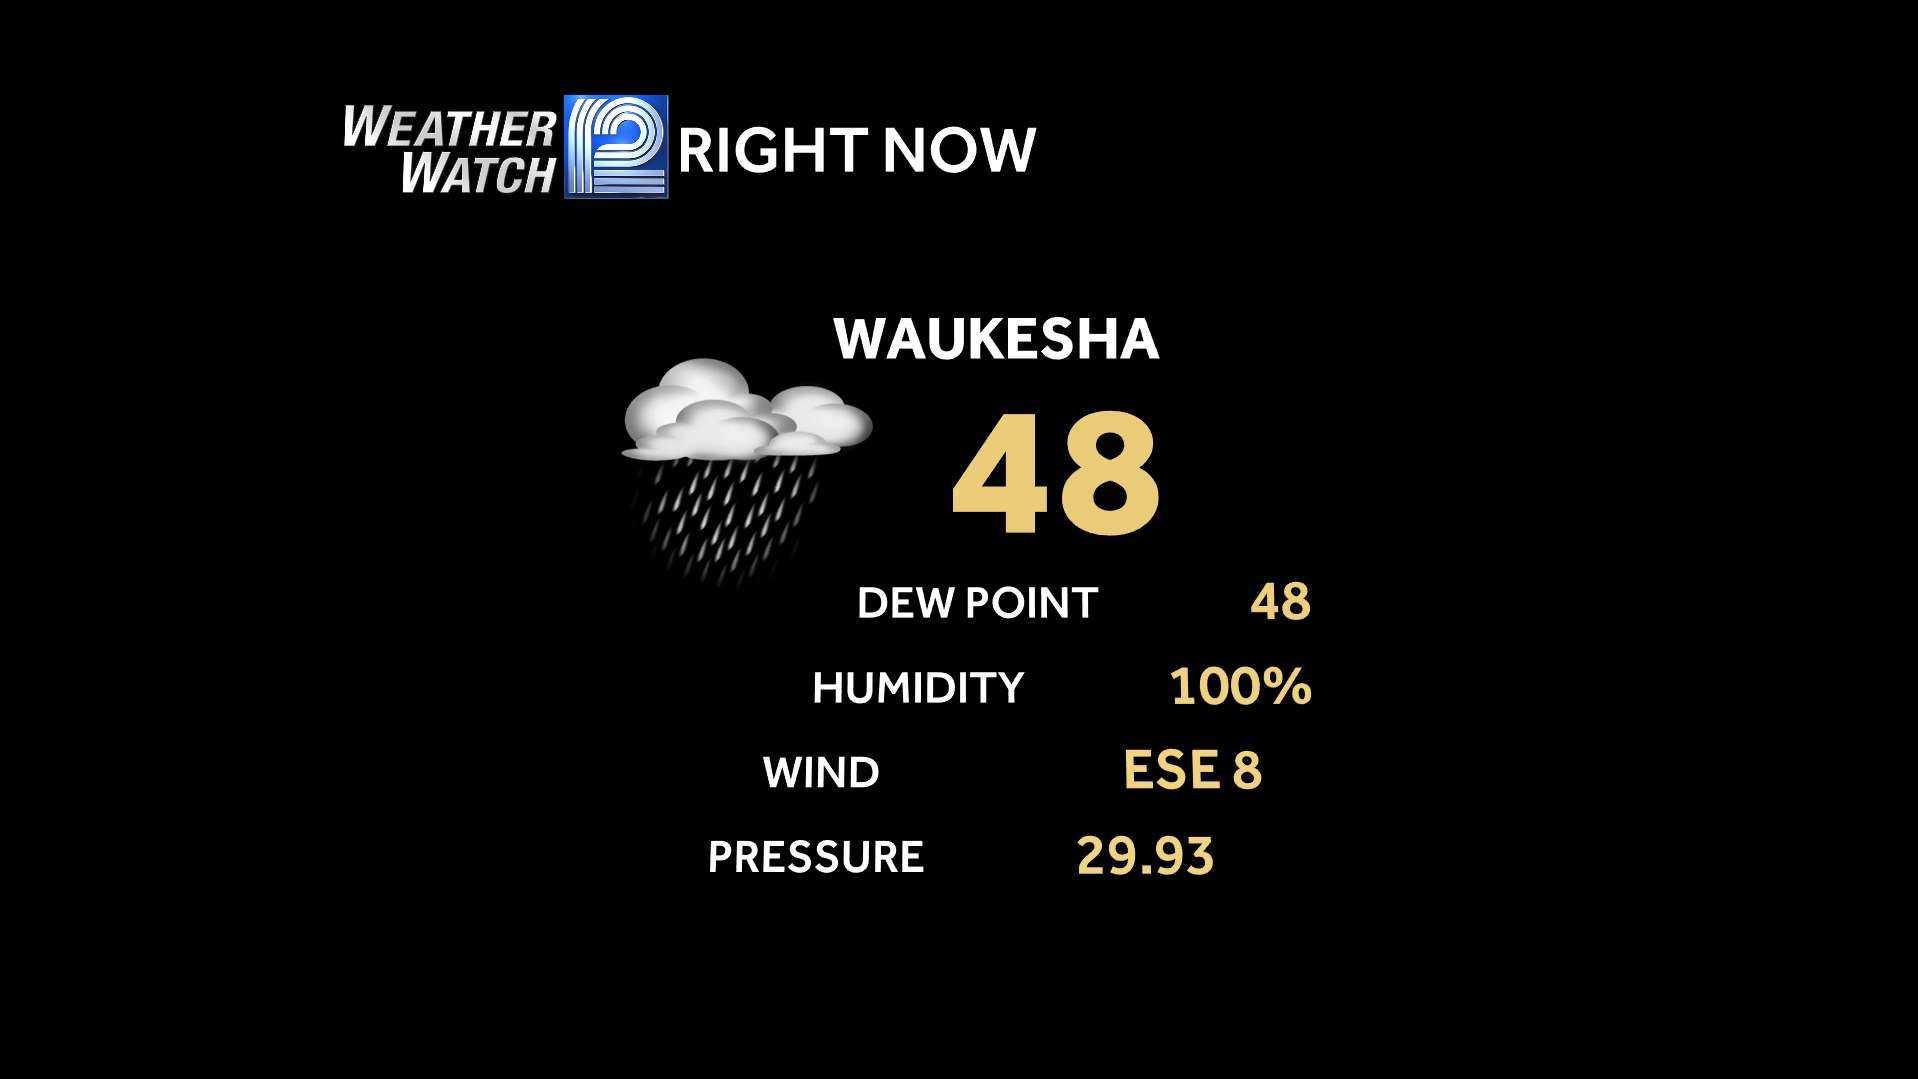 Waukesha temperature